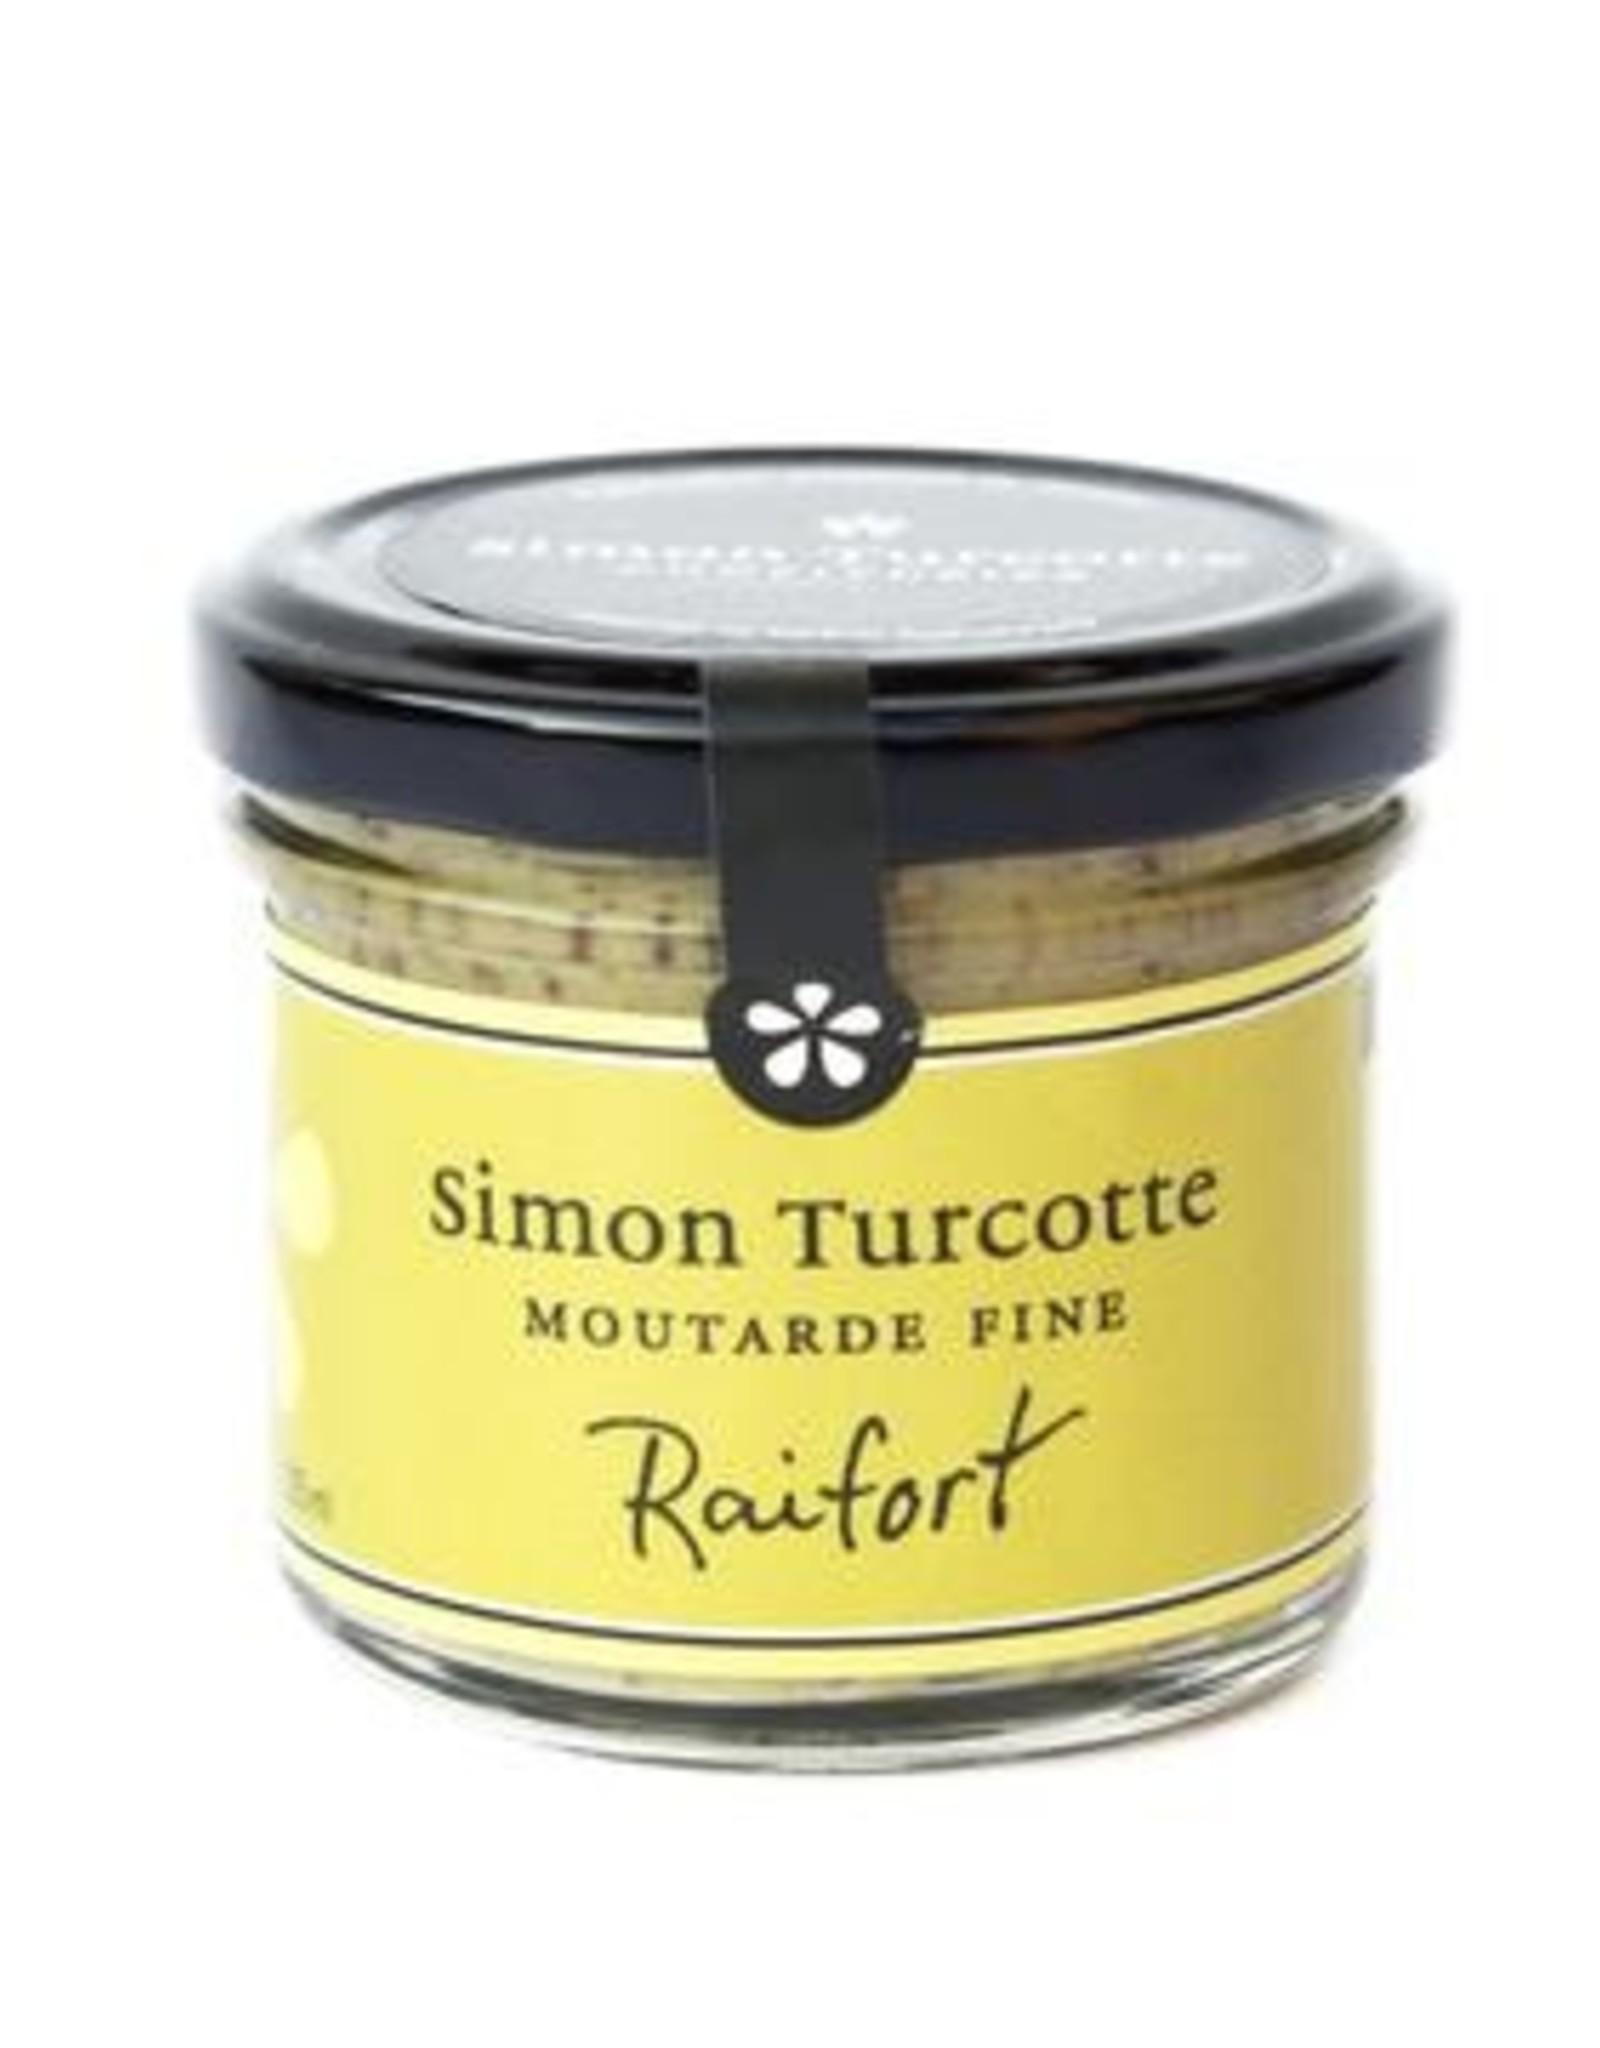 Simon Turcotte confiturier Moutarde Raifort